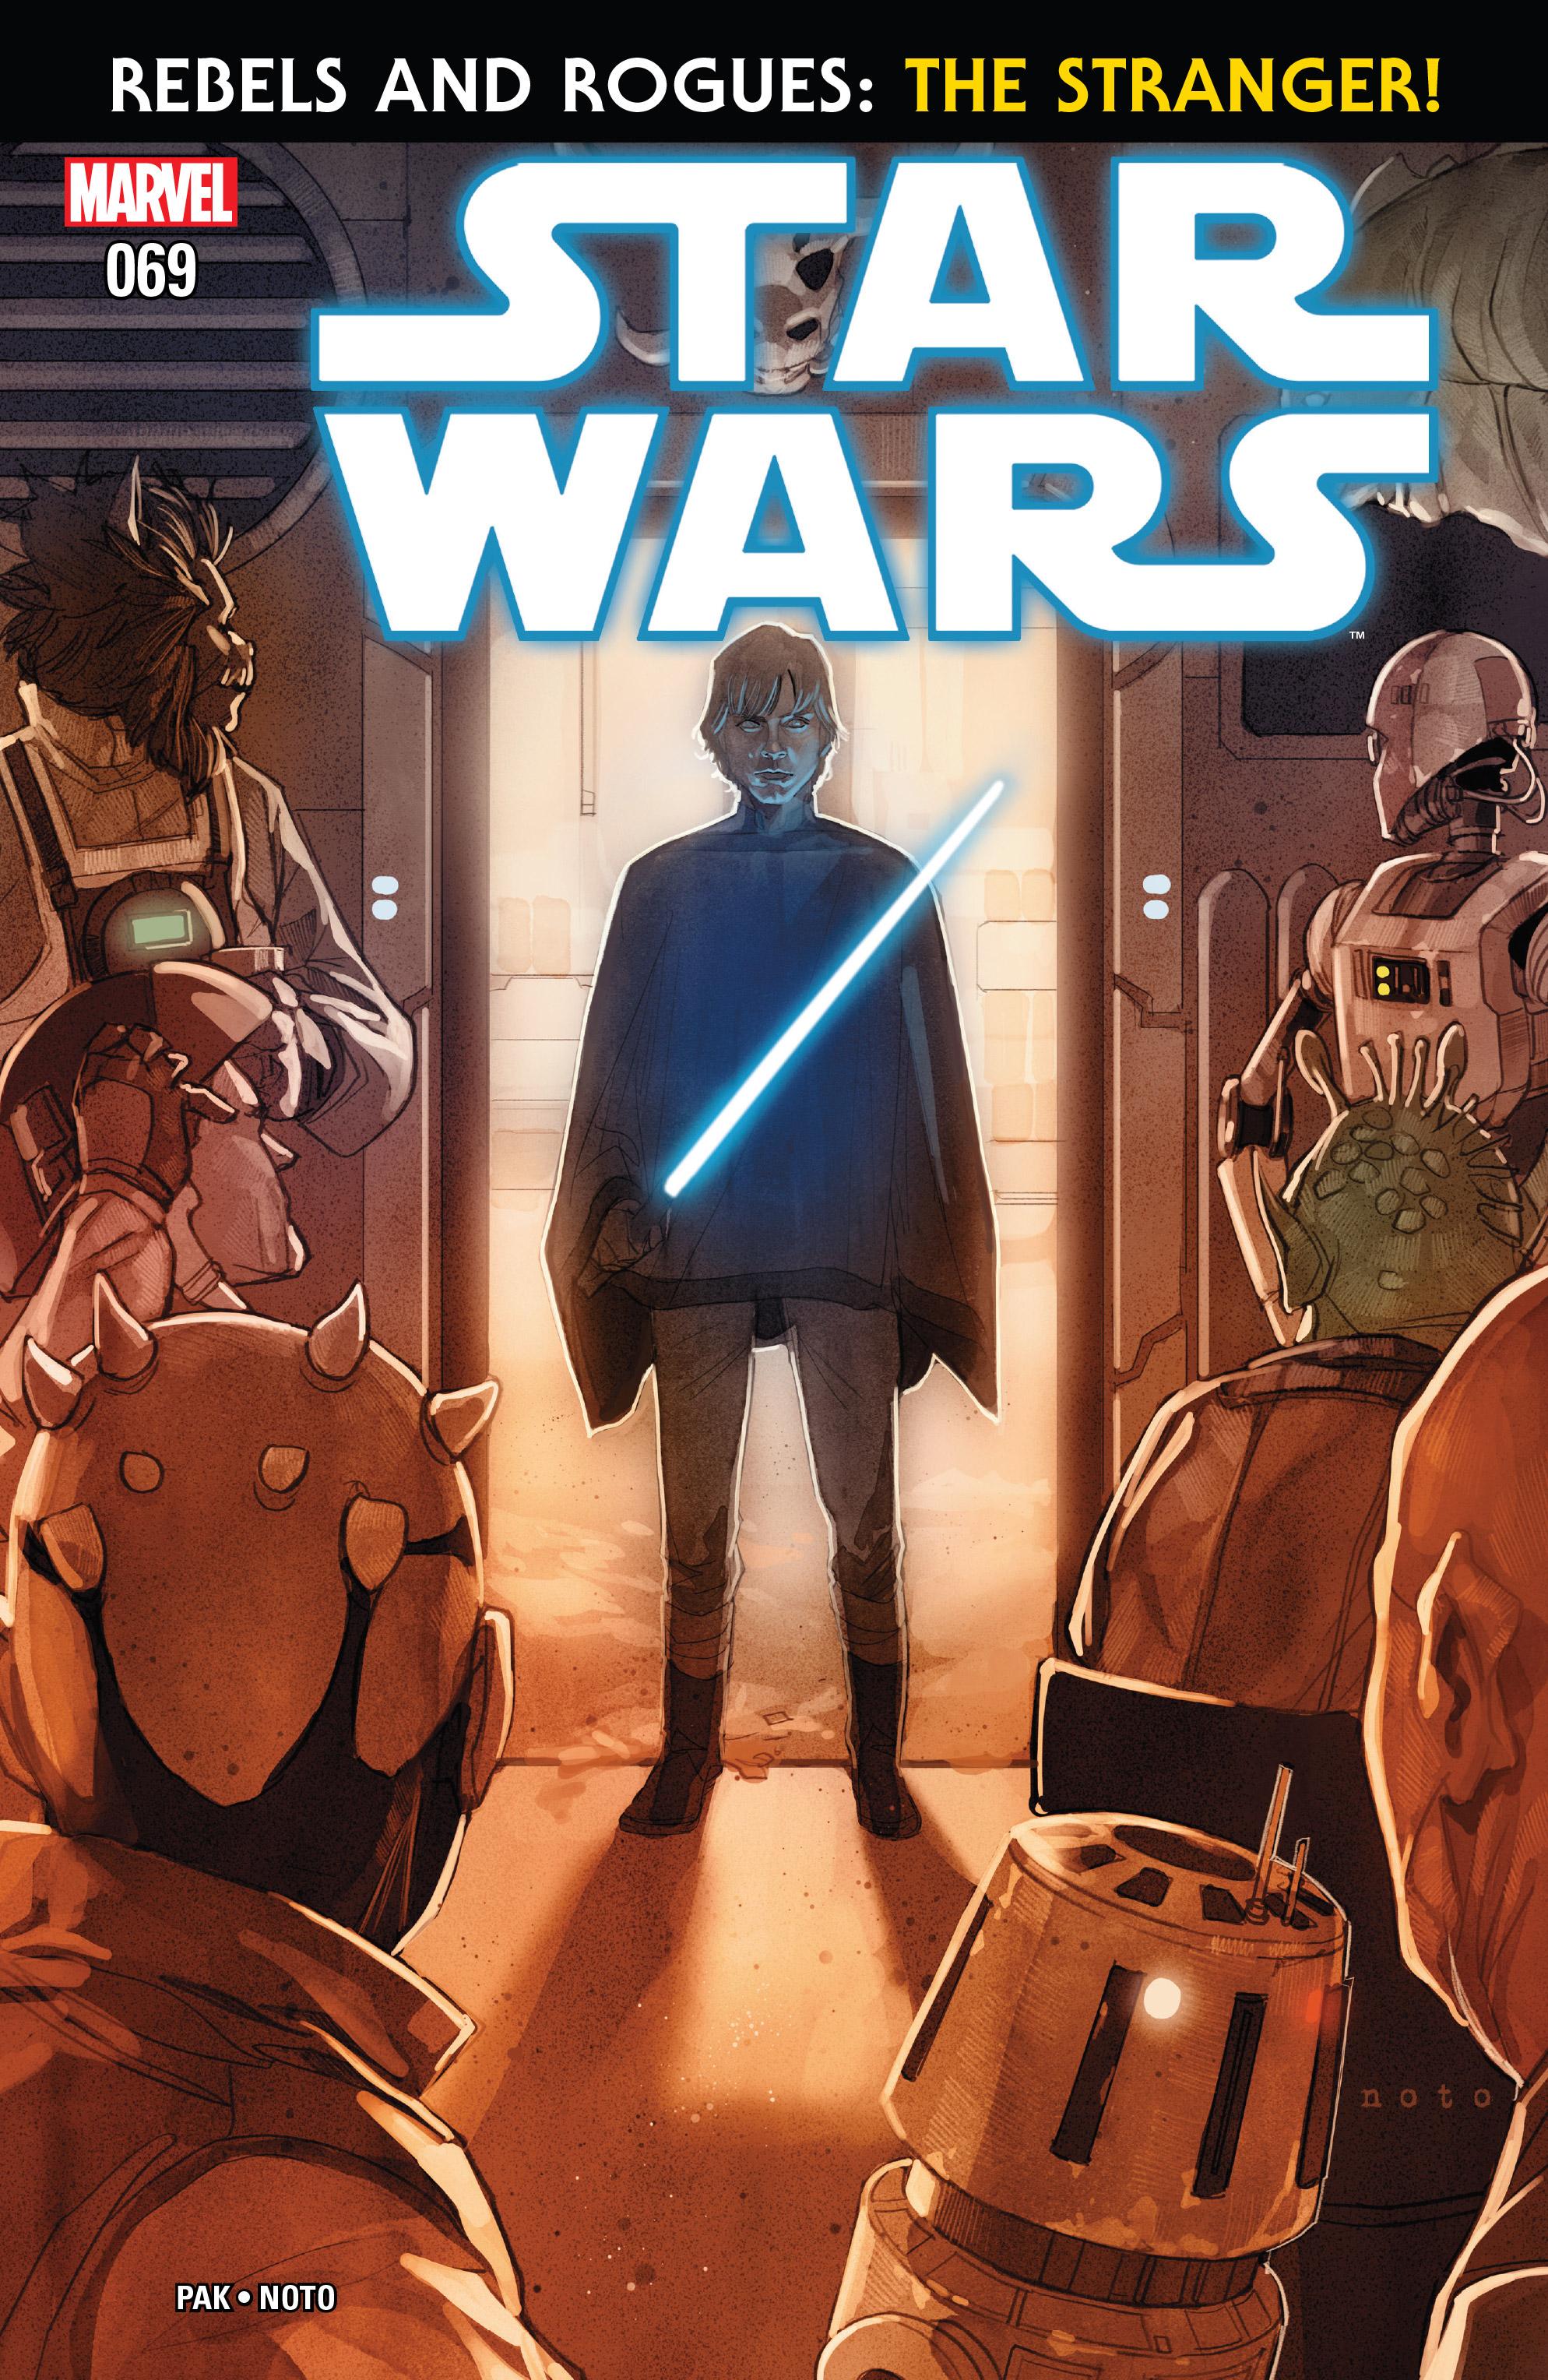 Звёздные войны 69: Мятежники и изгои, часть 2